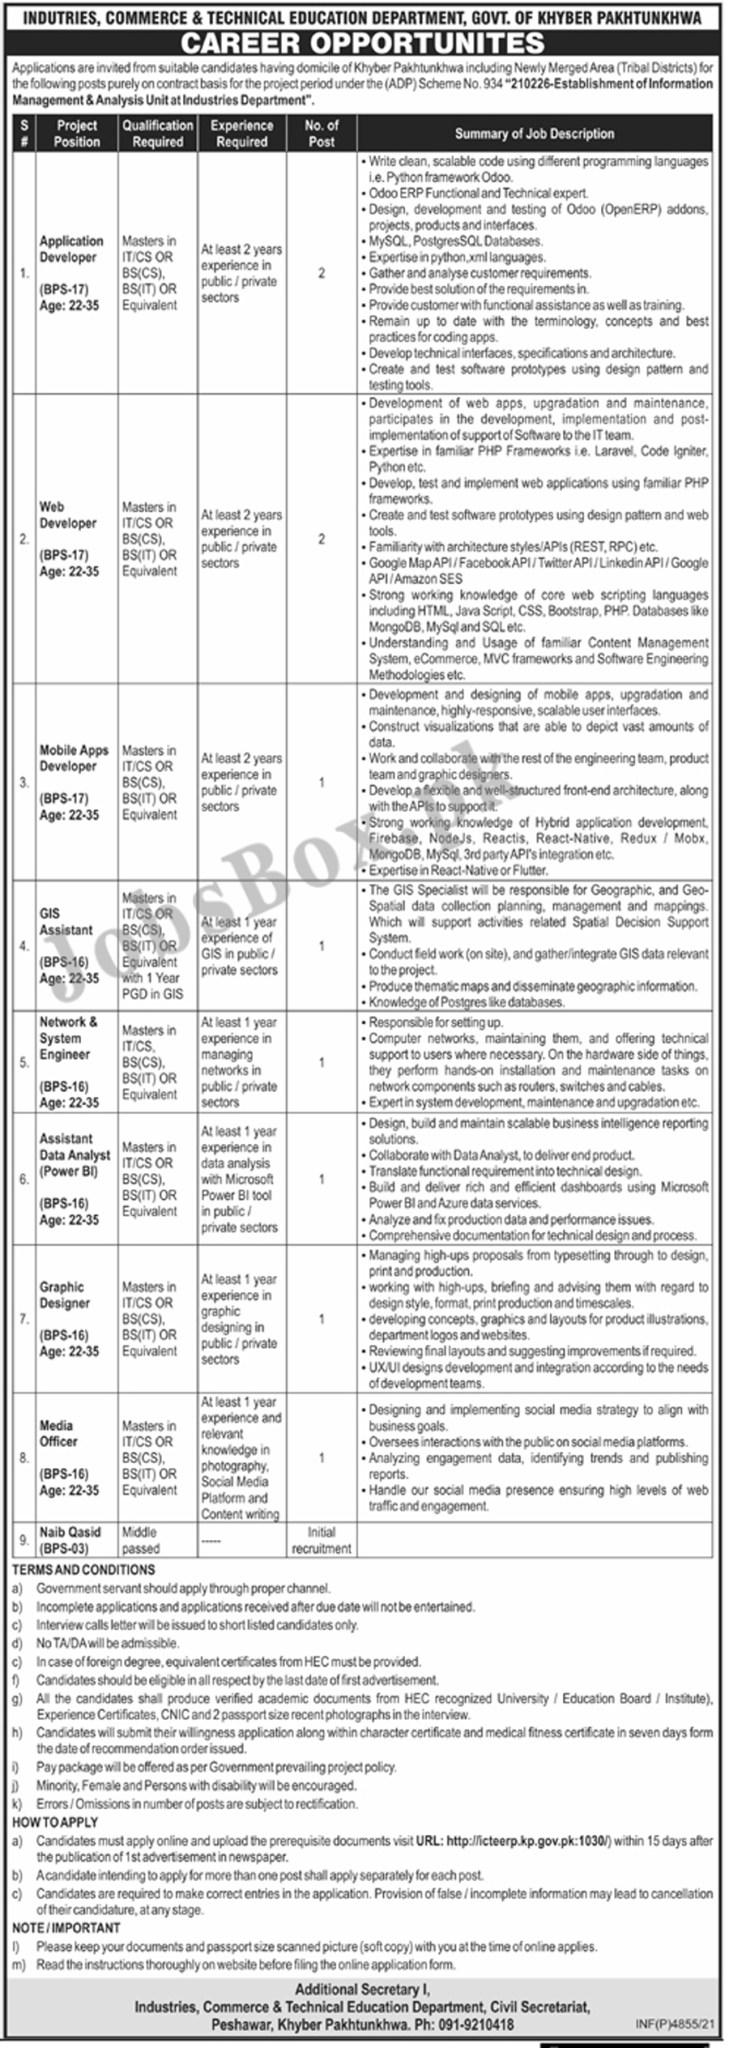 https://icteerp.kp.gov.pk:1030 - Industries Commerce & Technical Education Department KPK Jobs 2021 in Pakistan